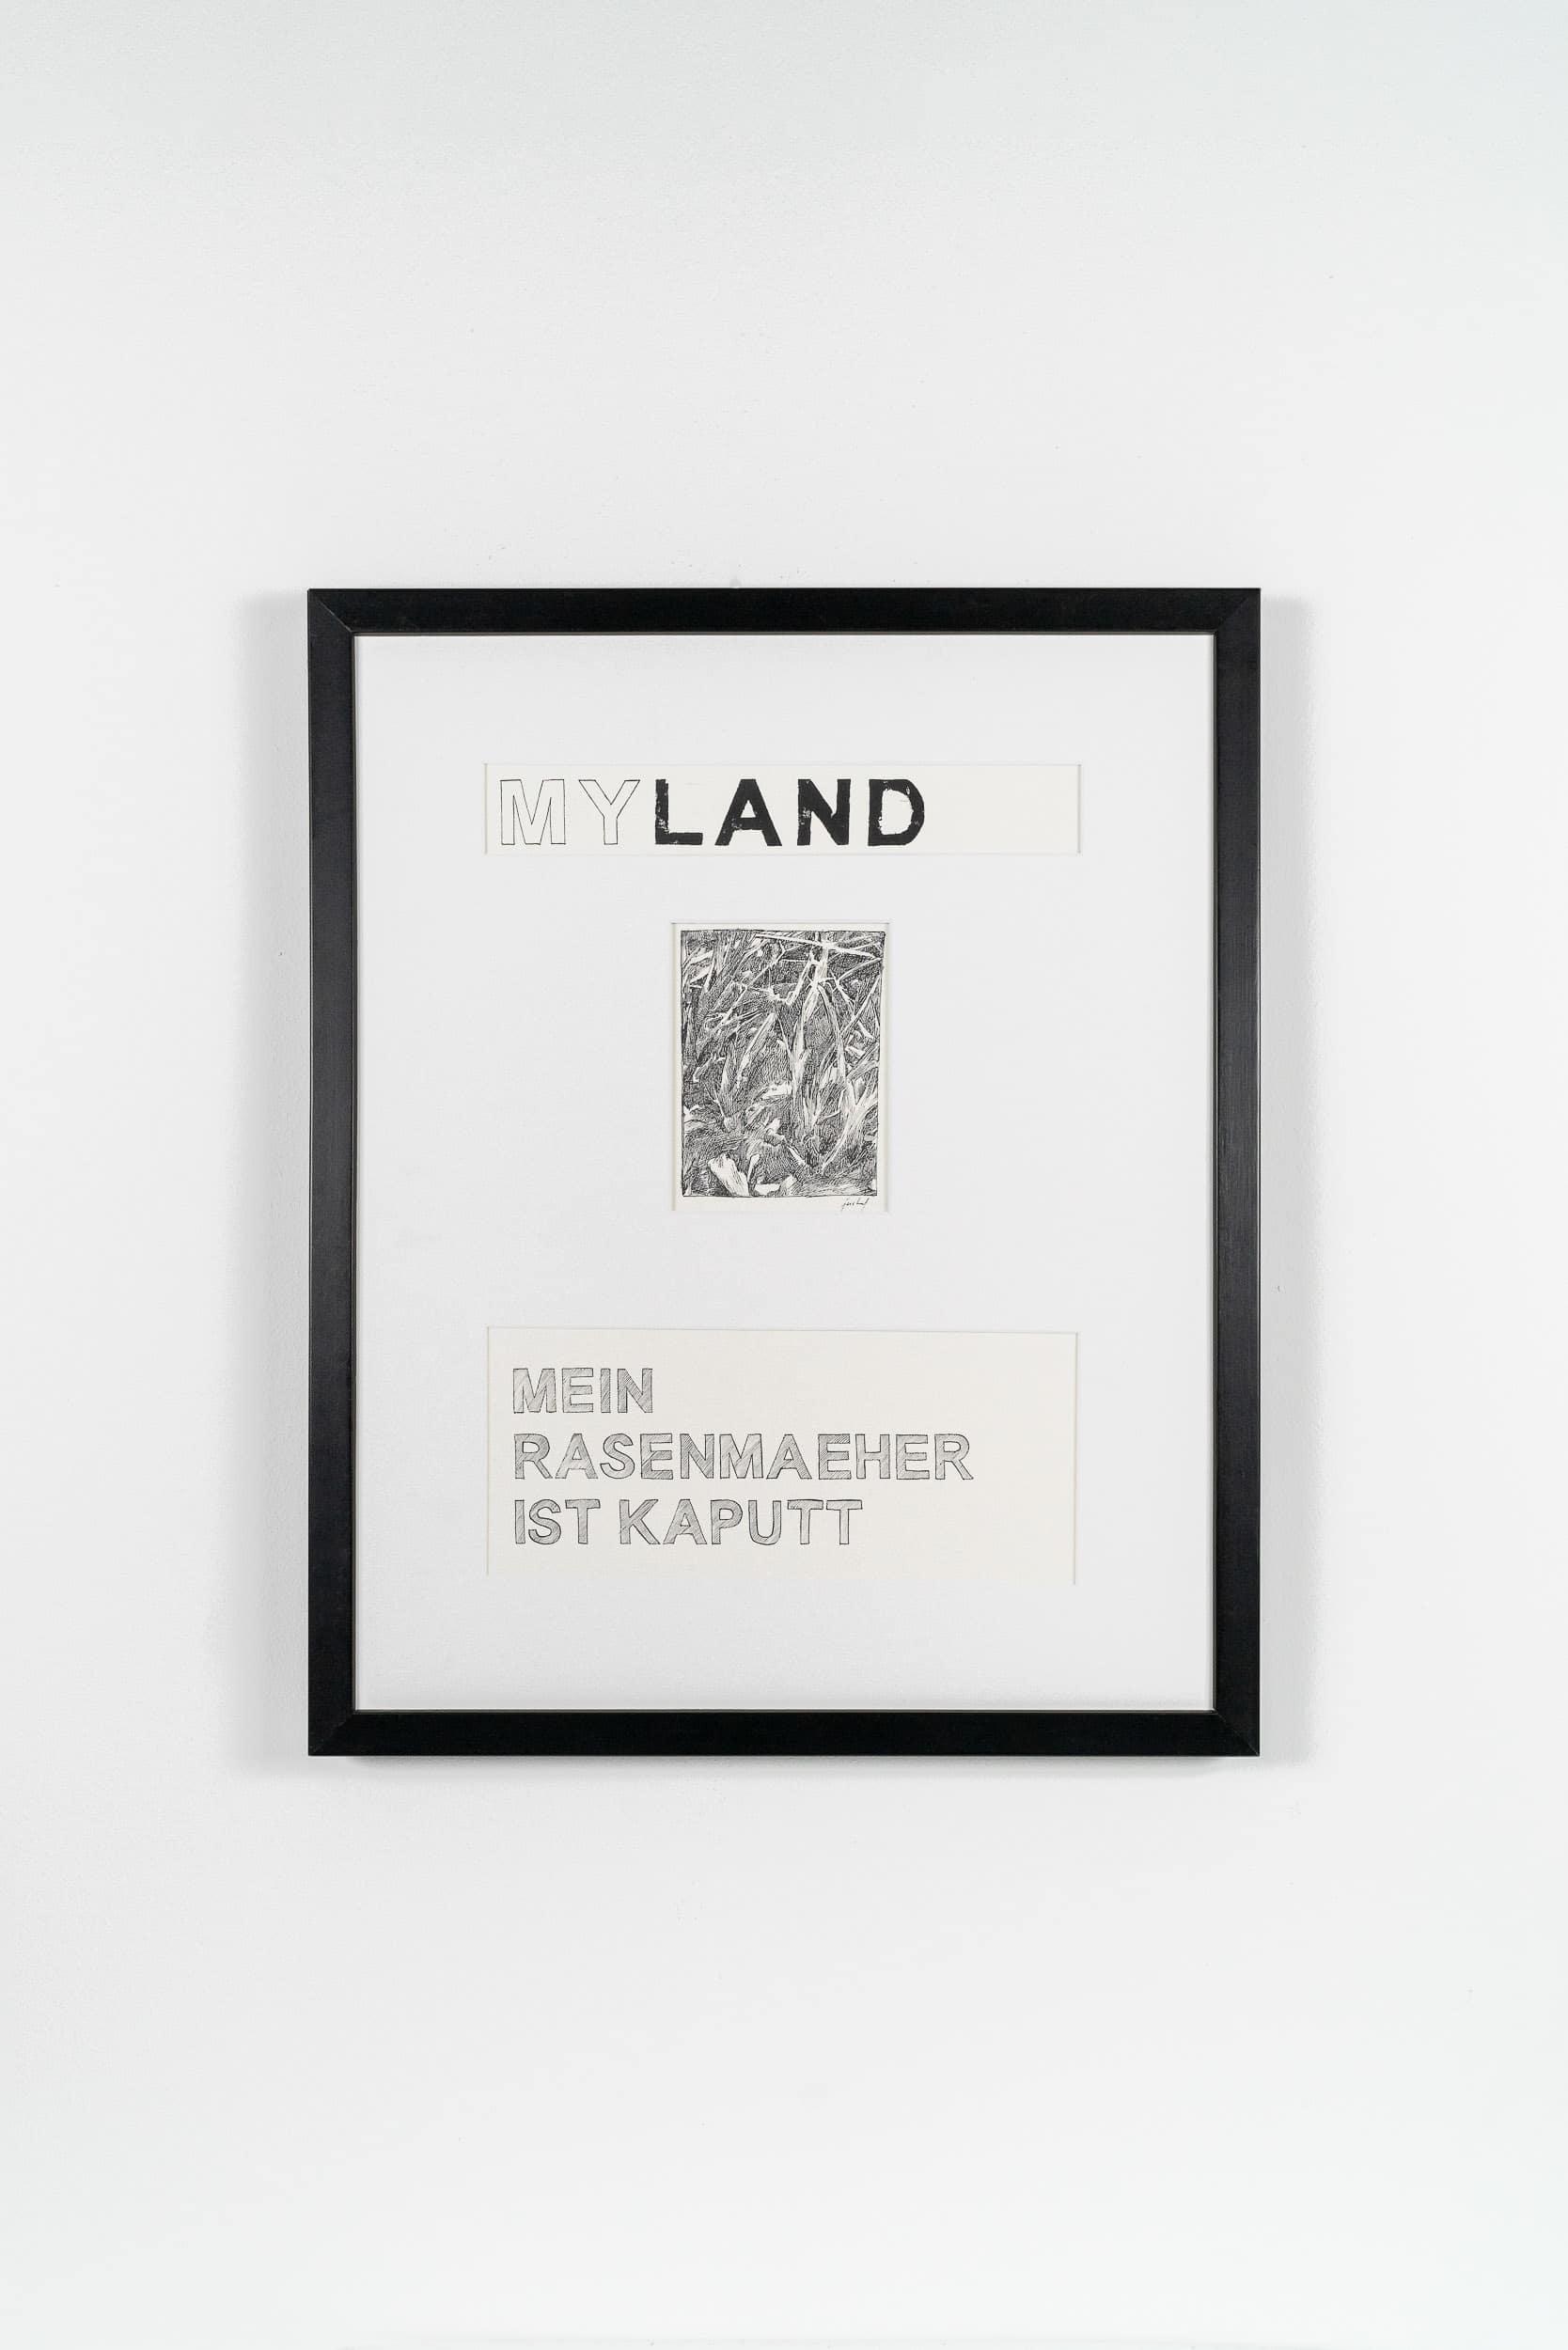 FL03 Myland 40 × 50 cm Papier / Tusche / Holzdruck 2013